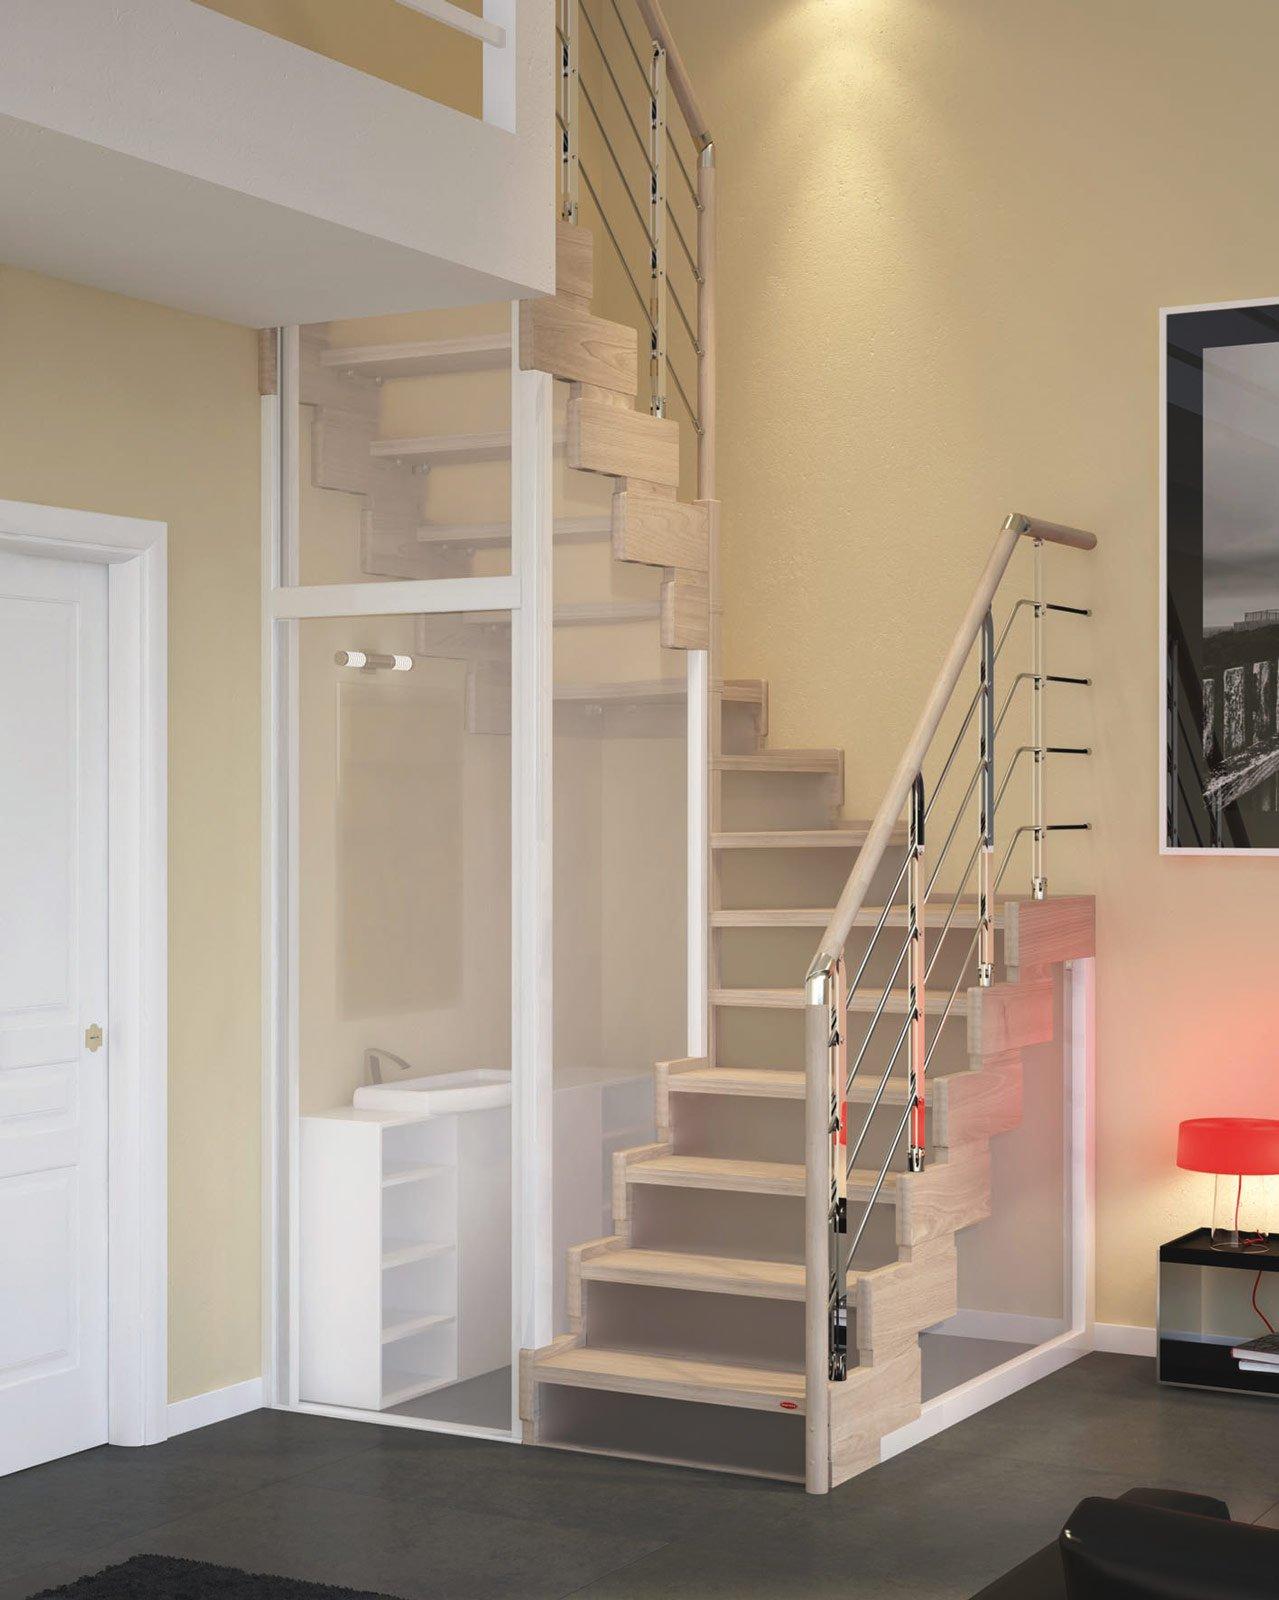 Recuperare spazio in casa soluzioni per dividere for Mobili salvaspazio ikea